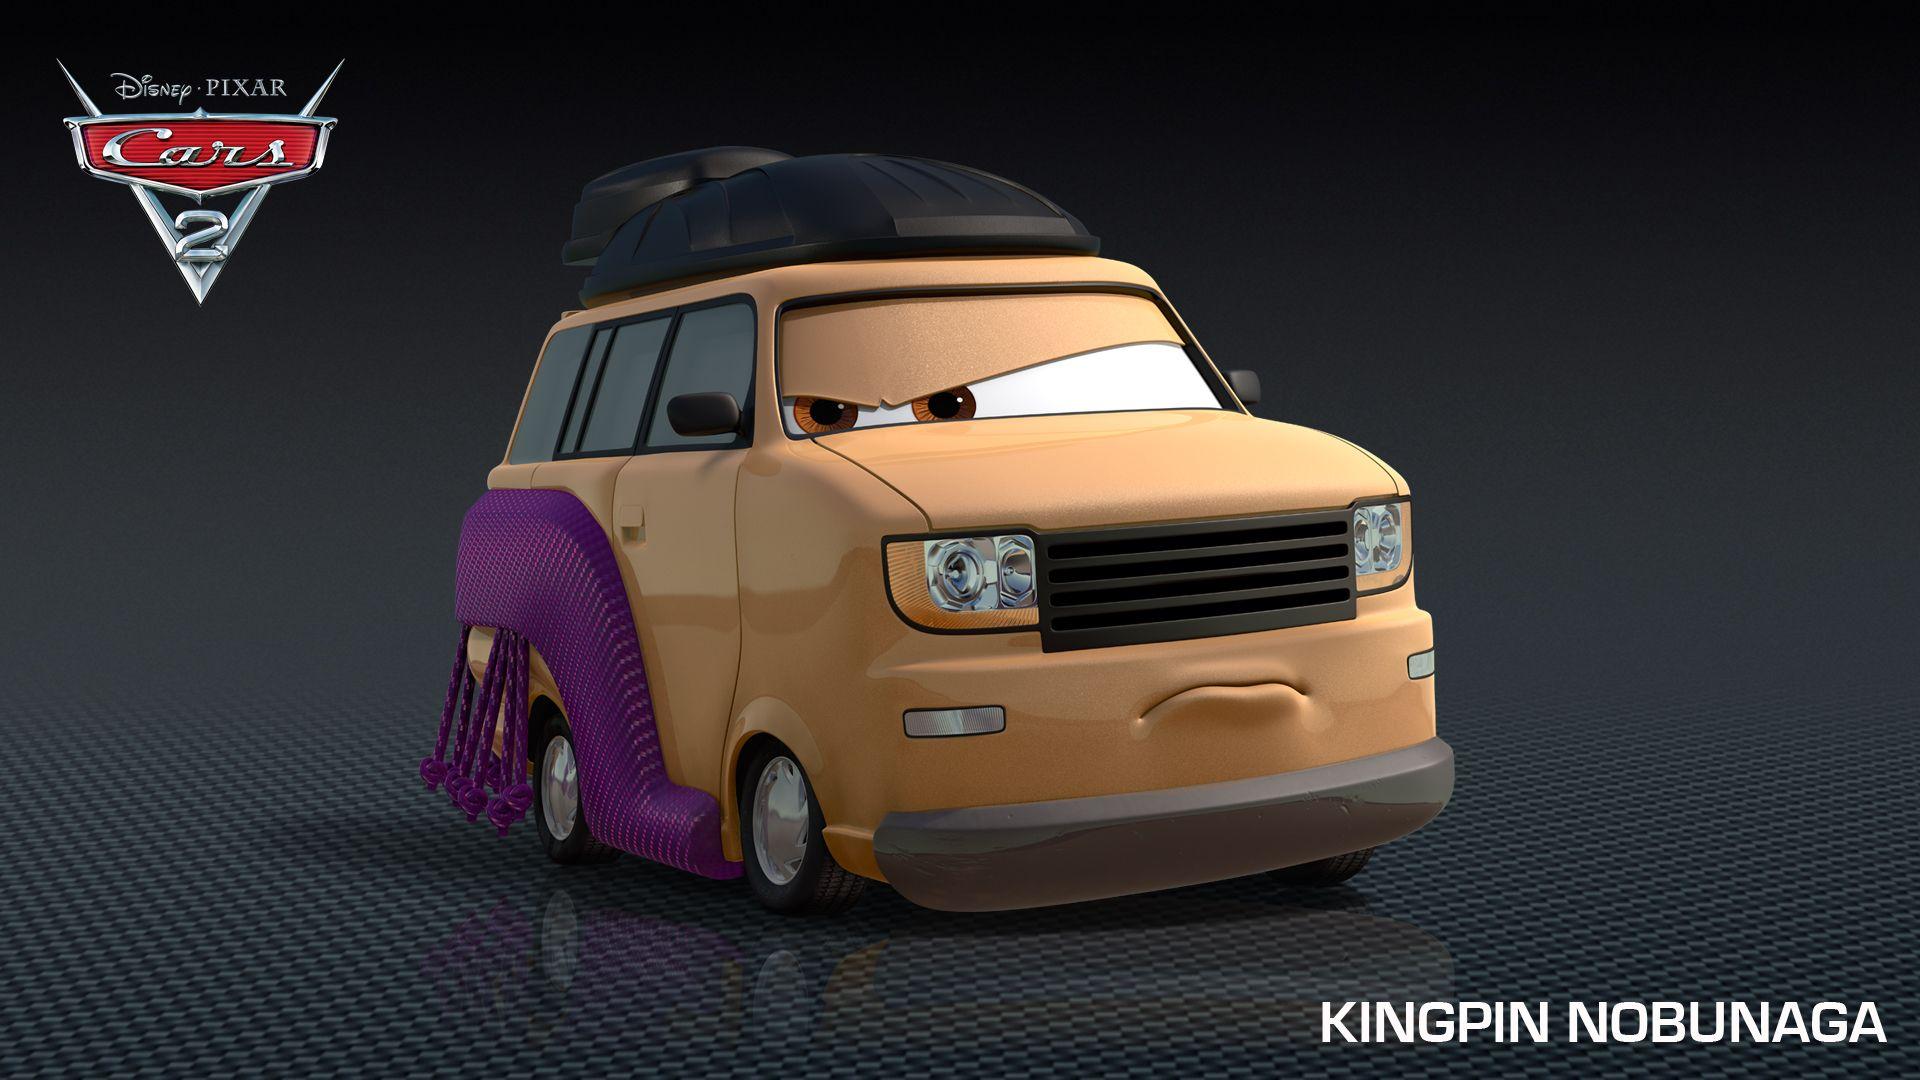 Cars 2 Characters Cars Characters Cars Movie Cars 2 Movie